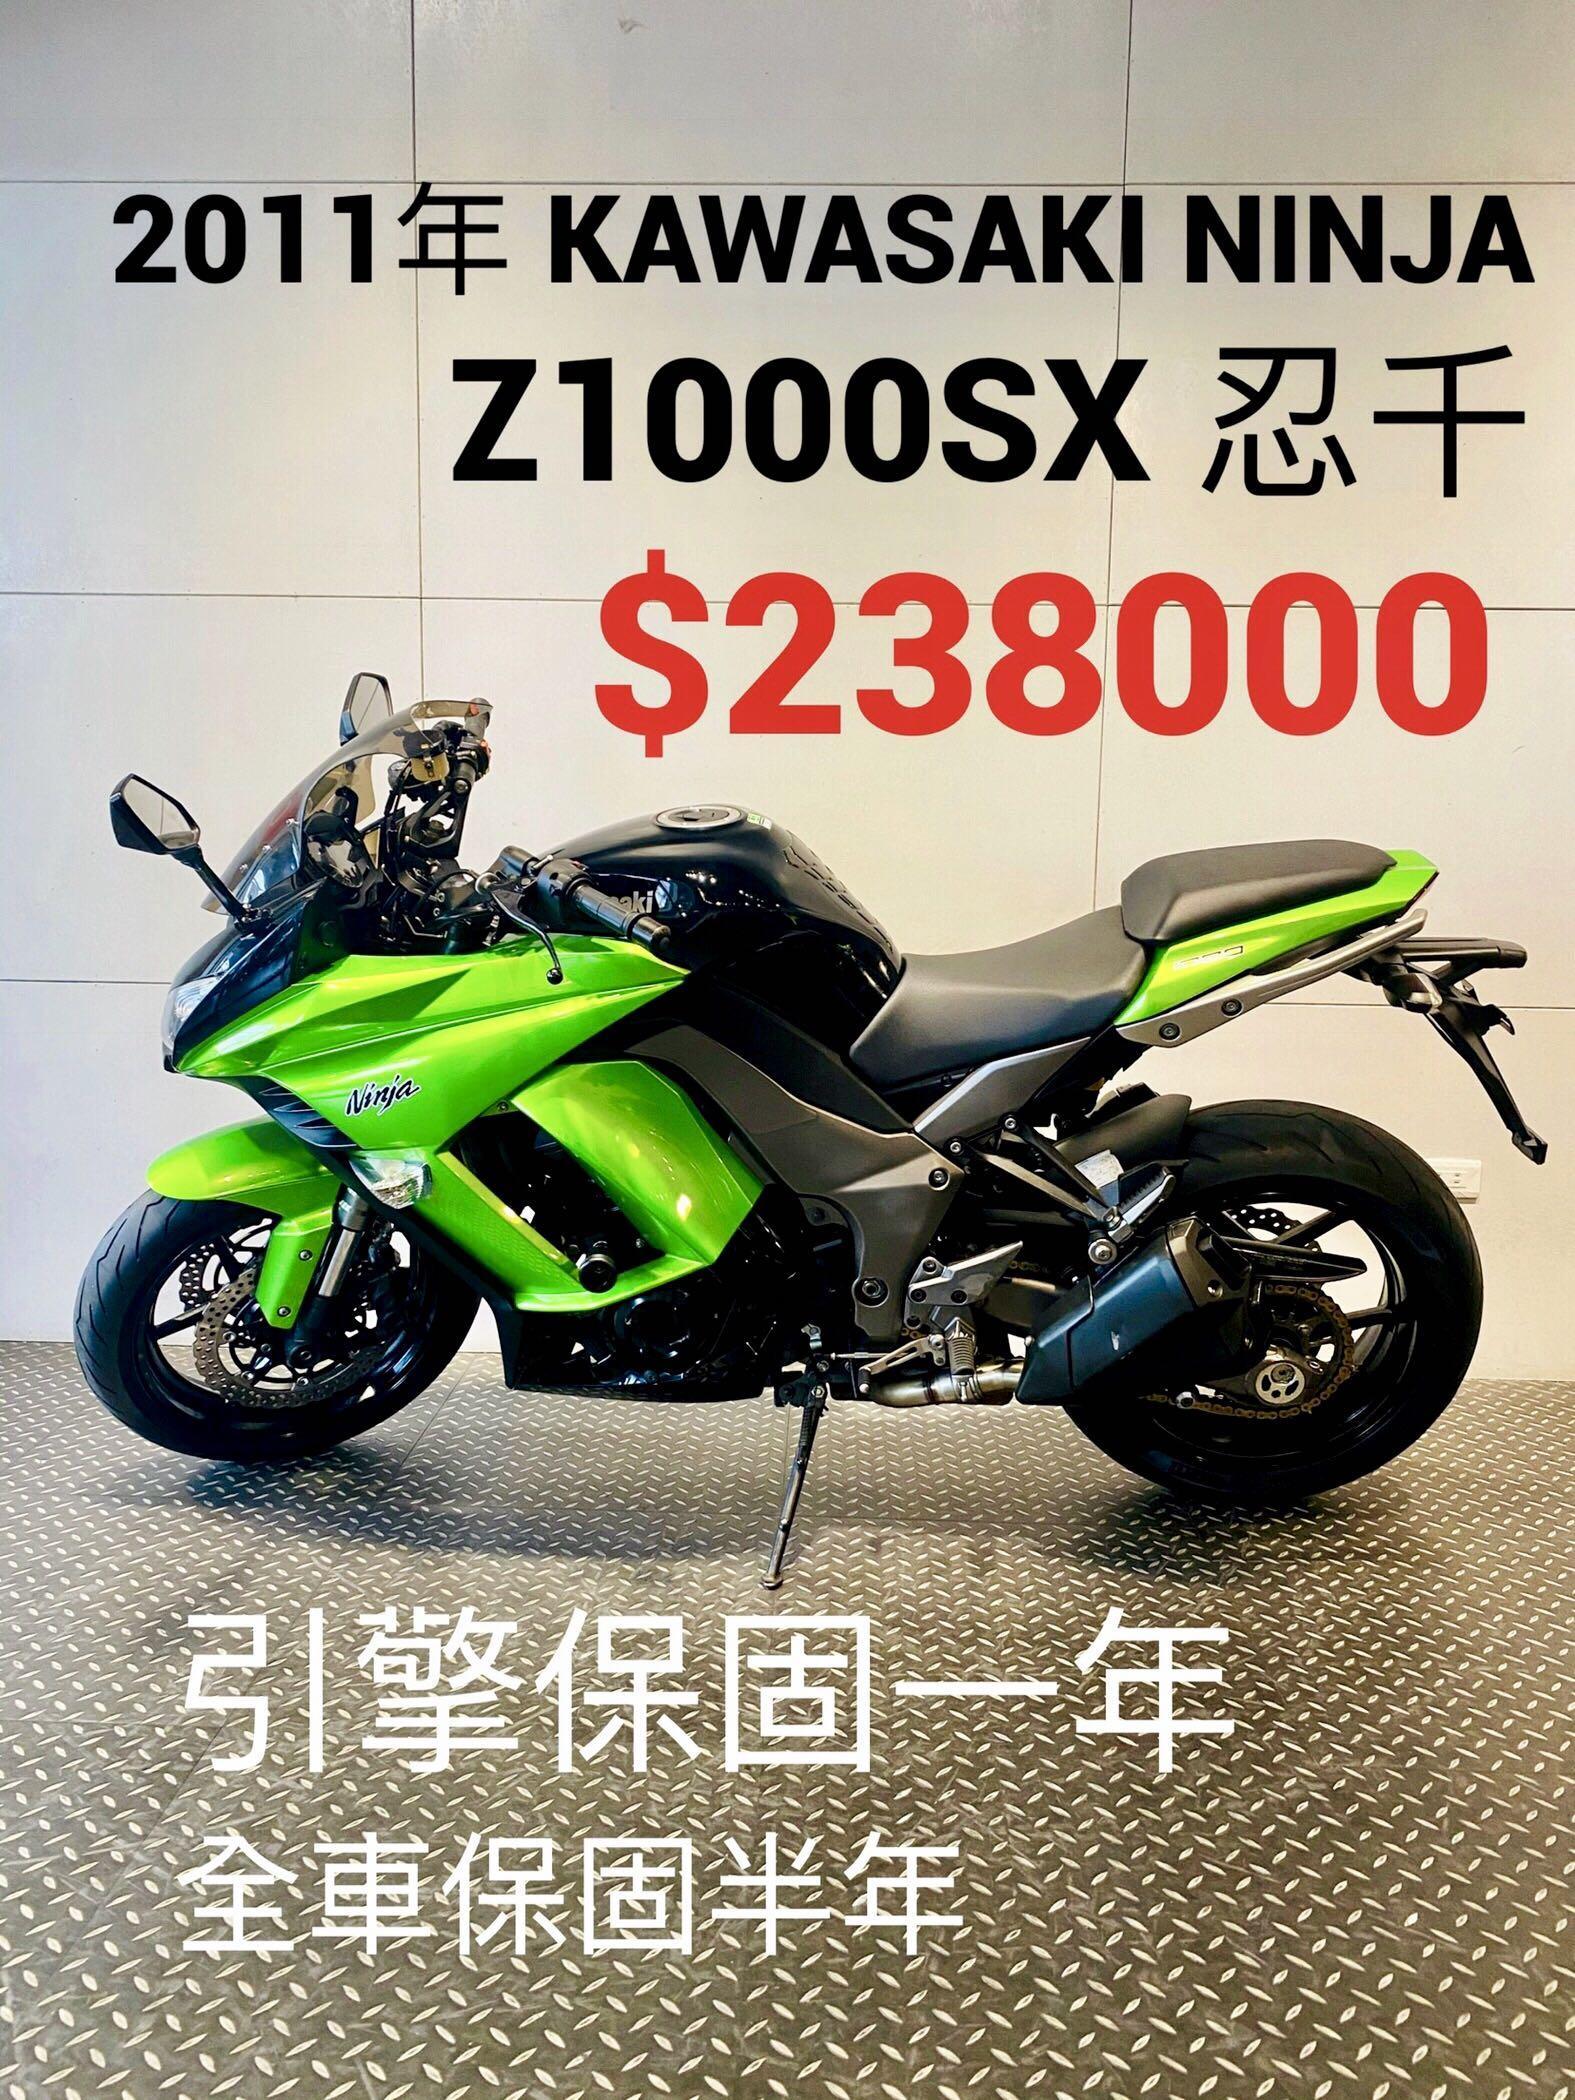 2011年 Kawasaki Ninja Z1000SX 忍千 車況極優 可分期 免頭款 歡迎車換車 引擎保固一年 全車保固半年 Z1000